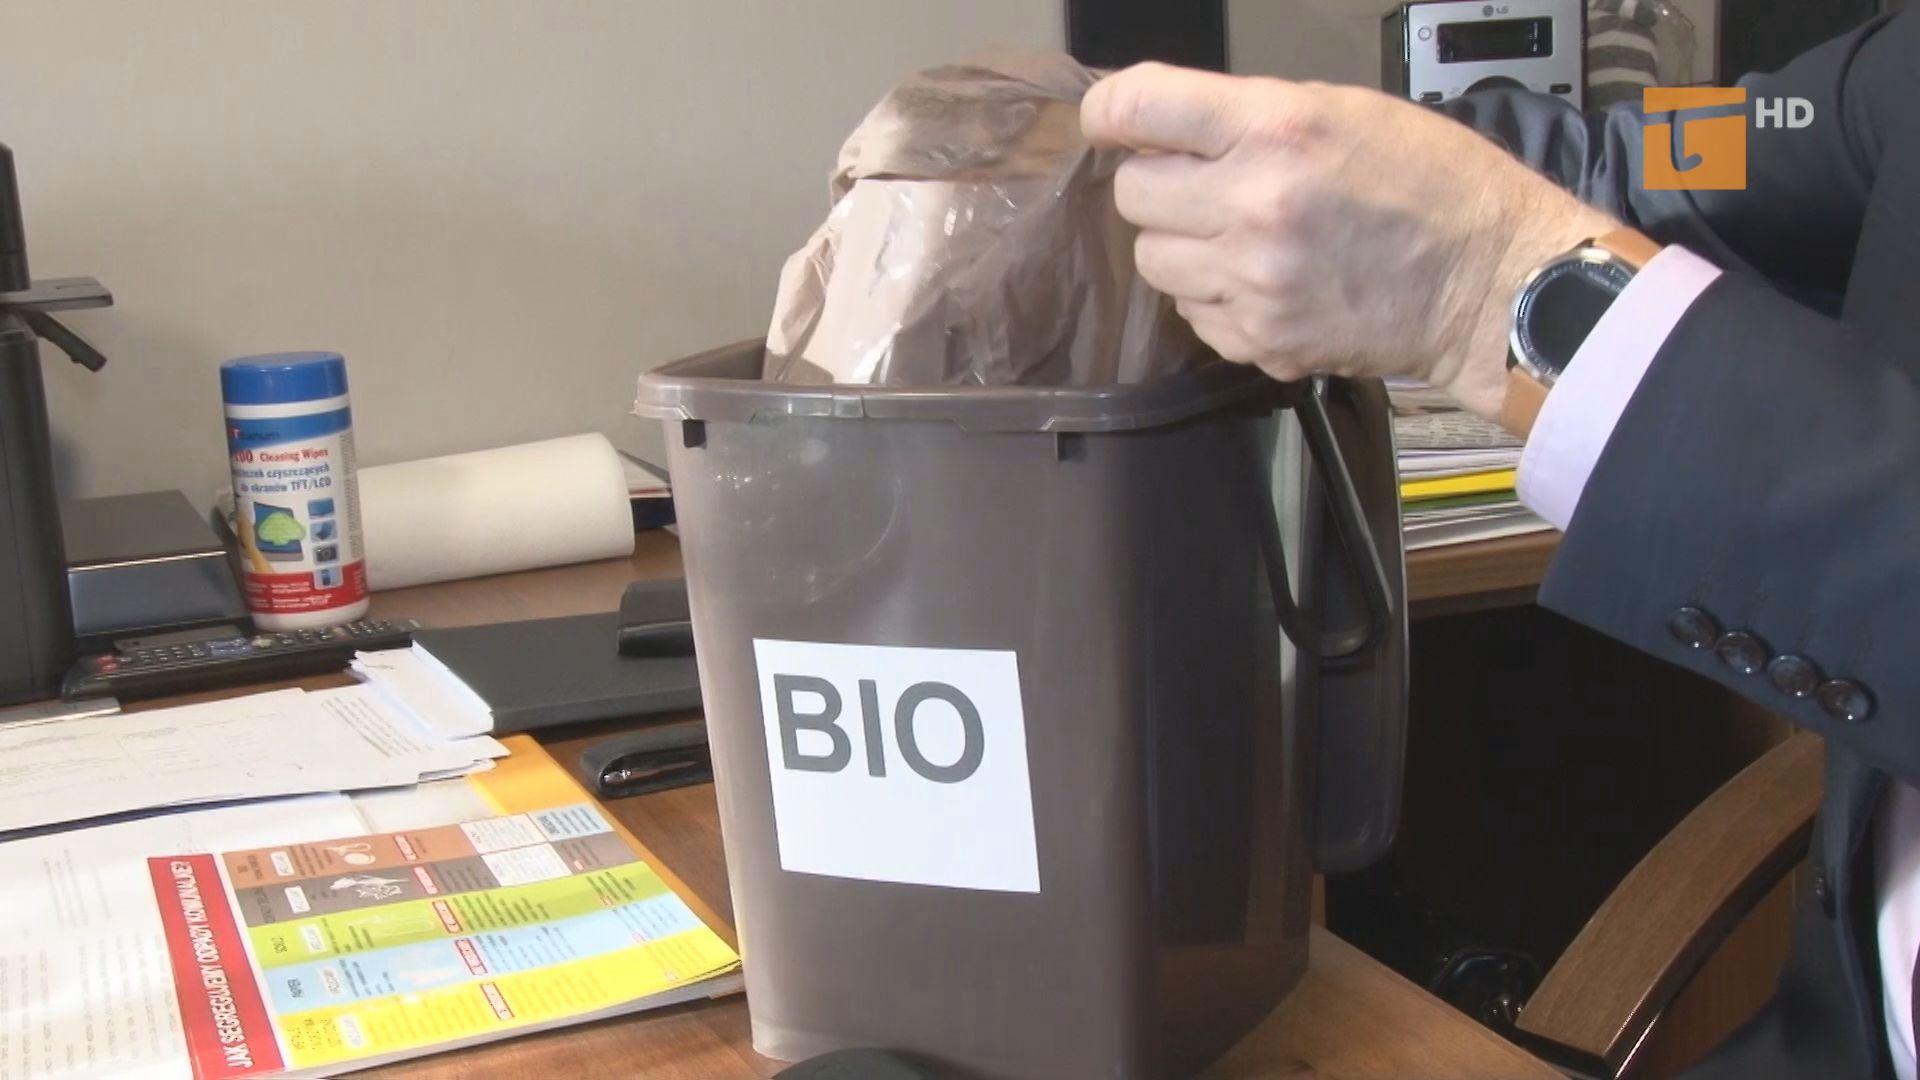 Dlaczego odpady kuchenne, czyli BIO trafiają do odpadów komunalnych zmieszanych – pytają tczewianie?